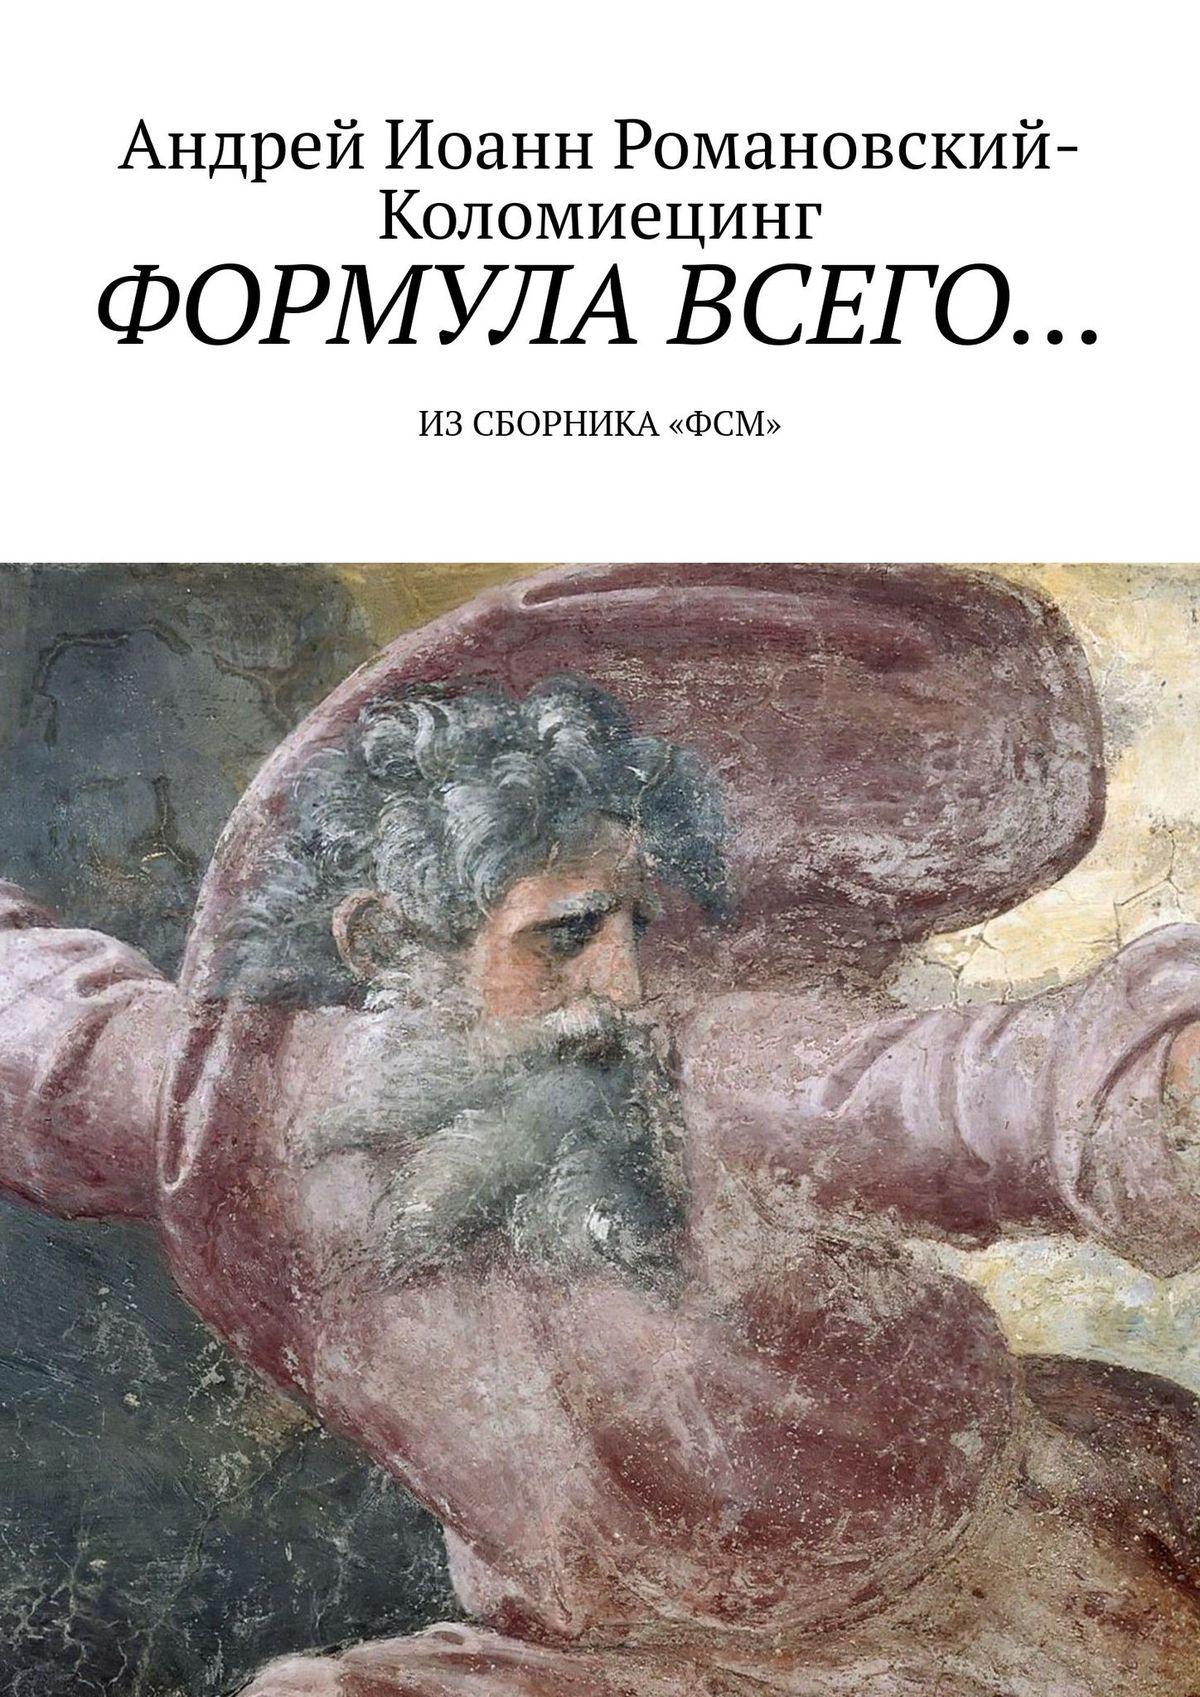 Андрей Романовский-Коломиецинг - Формула всего… Из сборника «ФСМ»